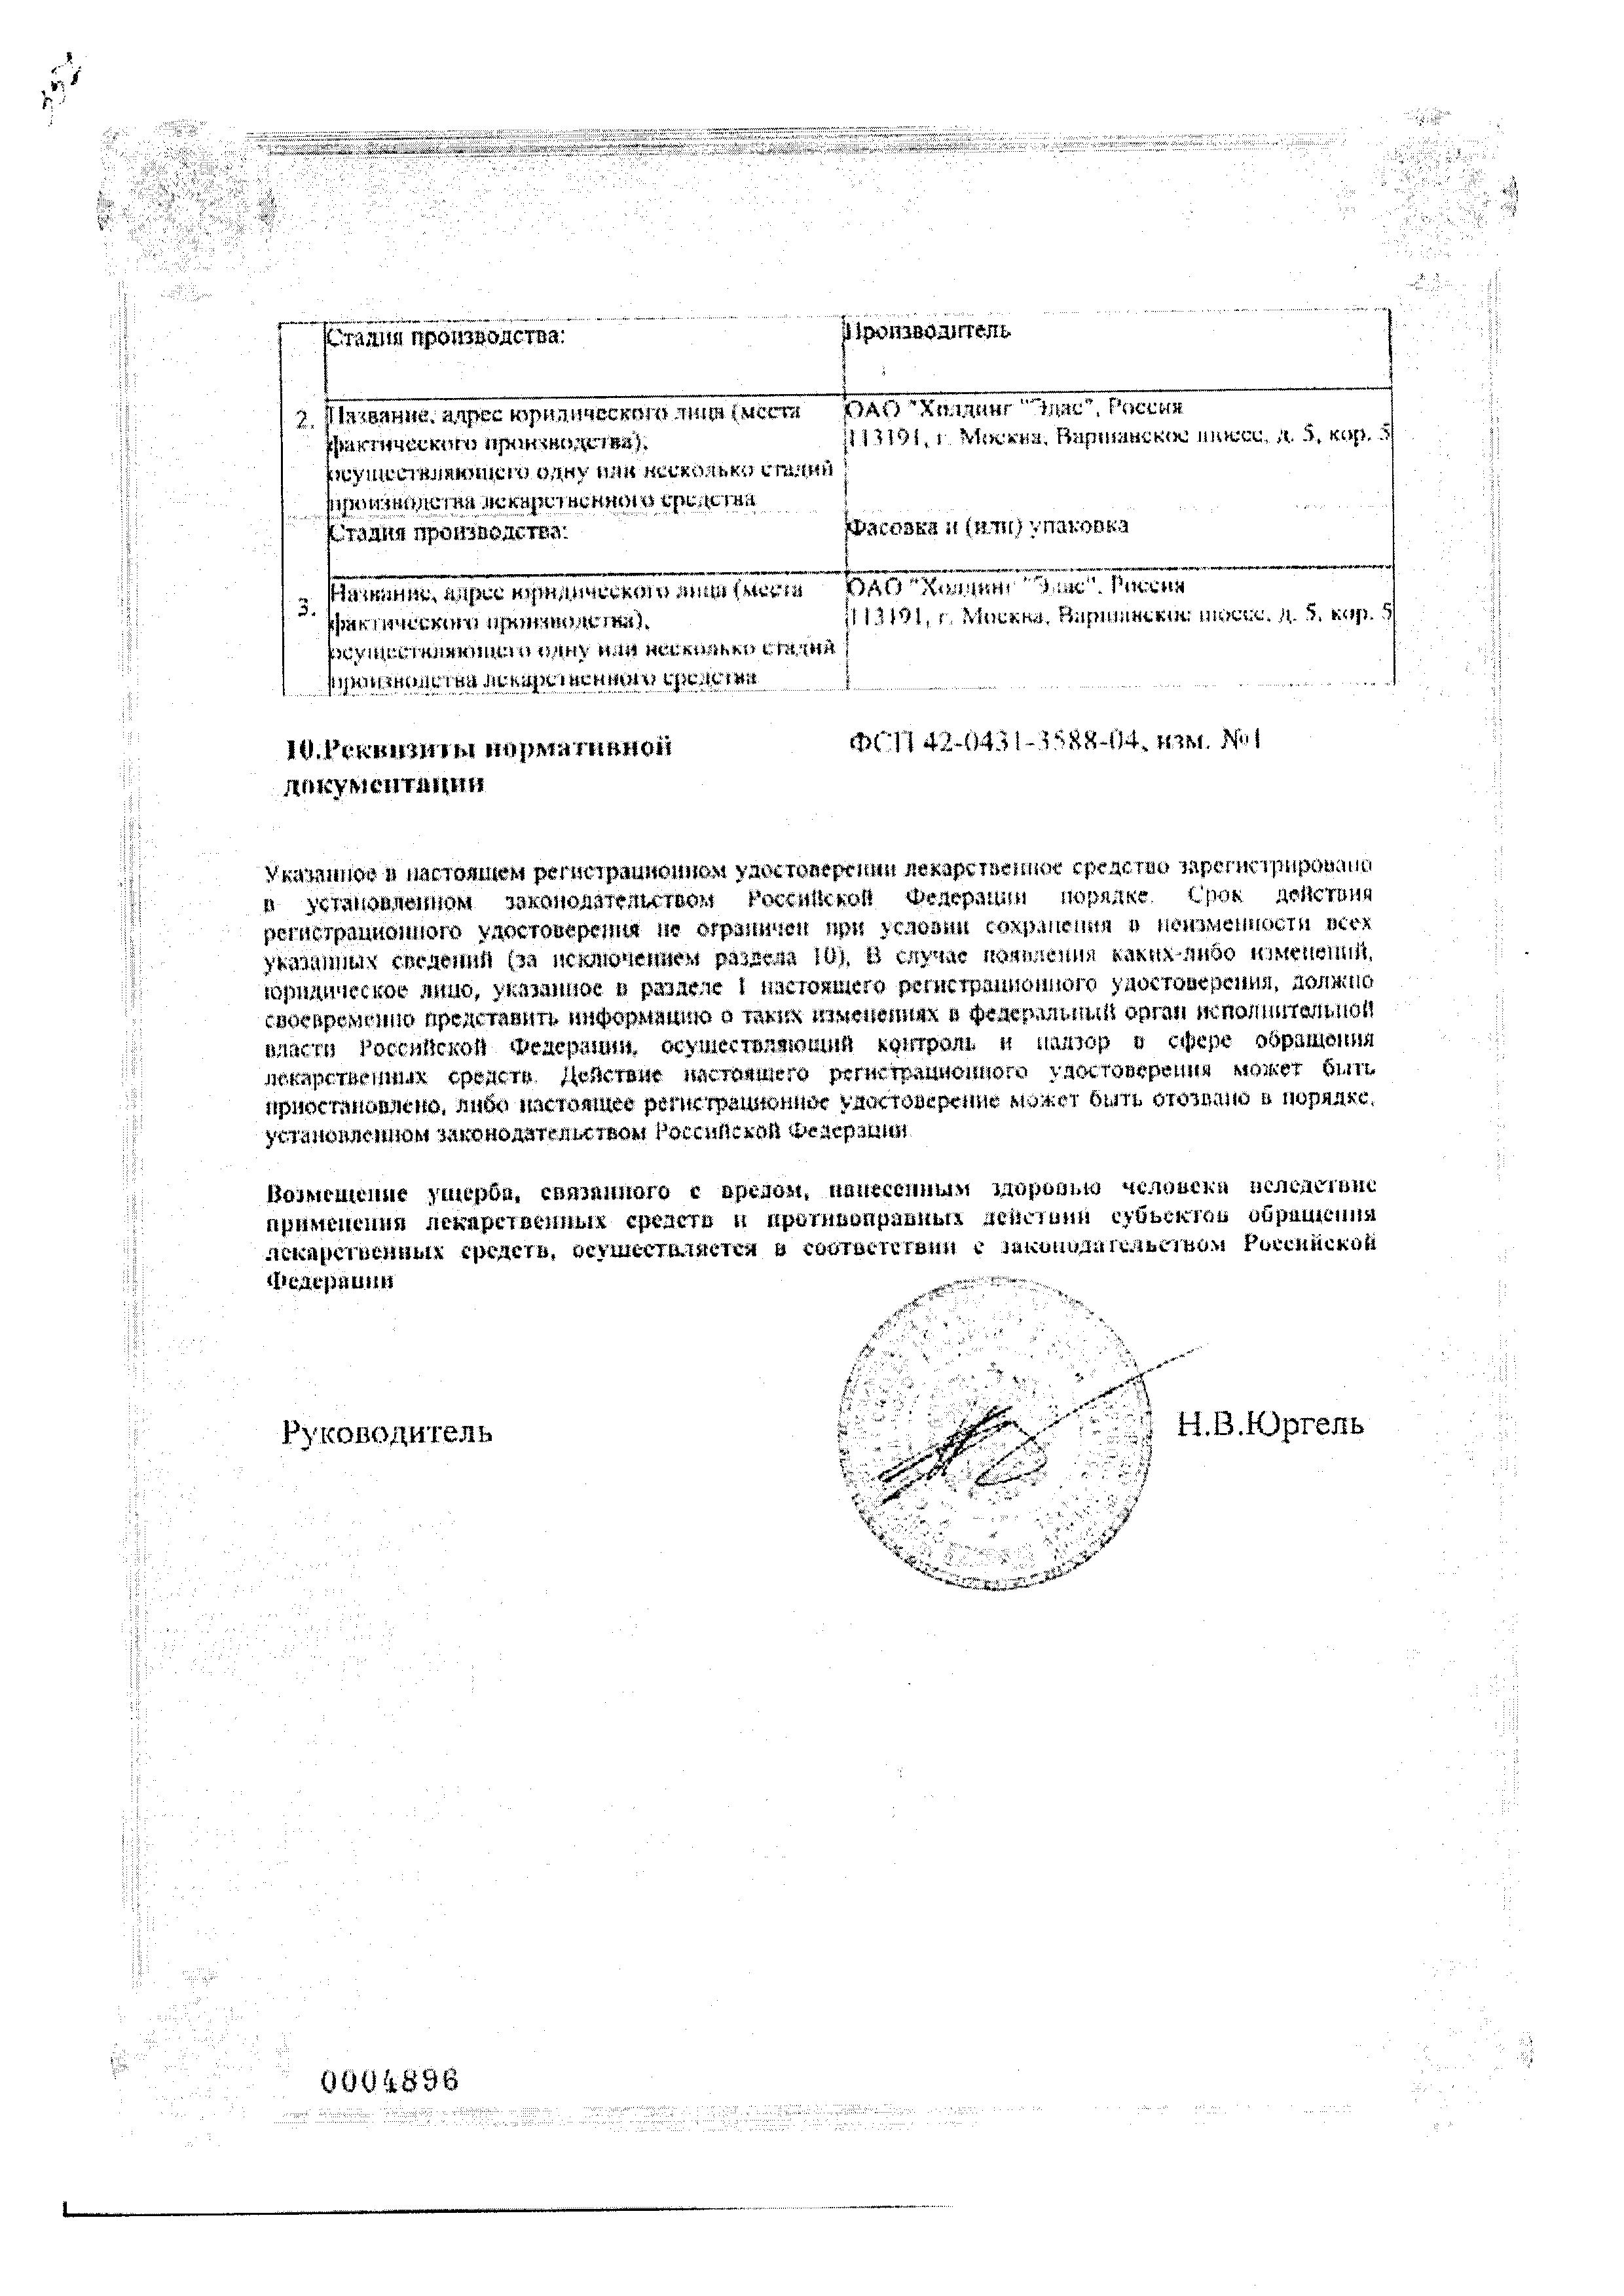 Эдас-127 Мастиол сертификат